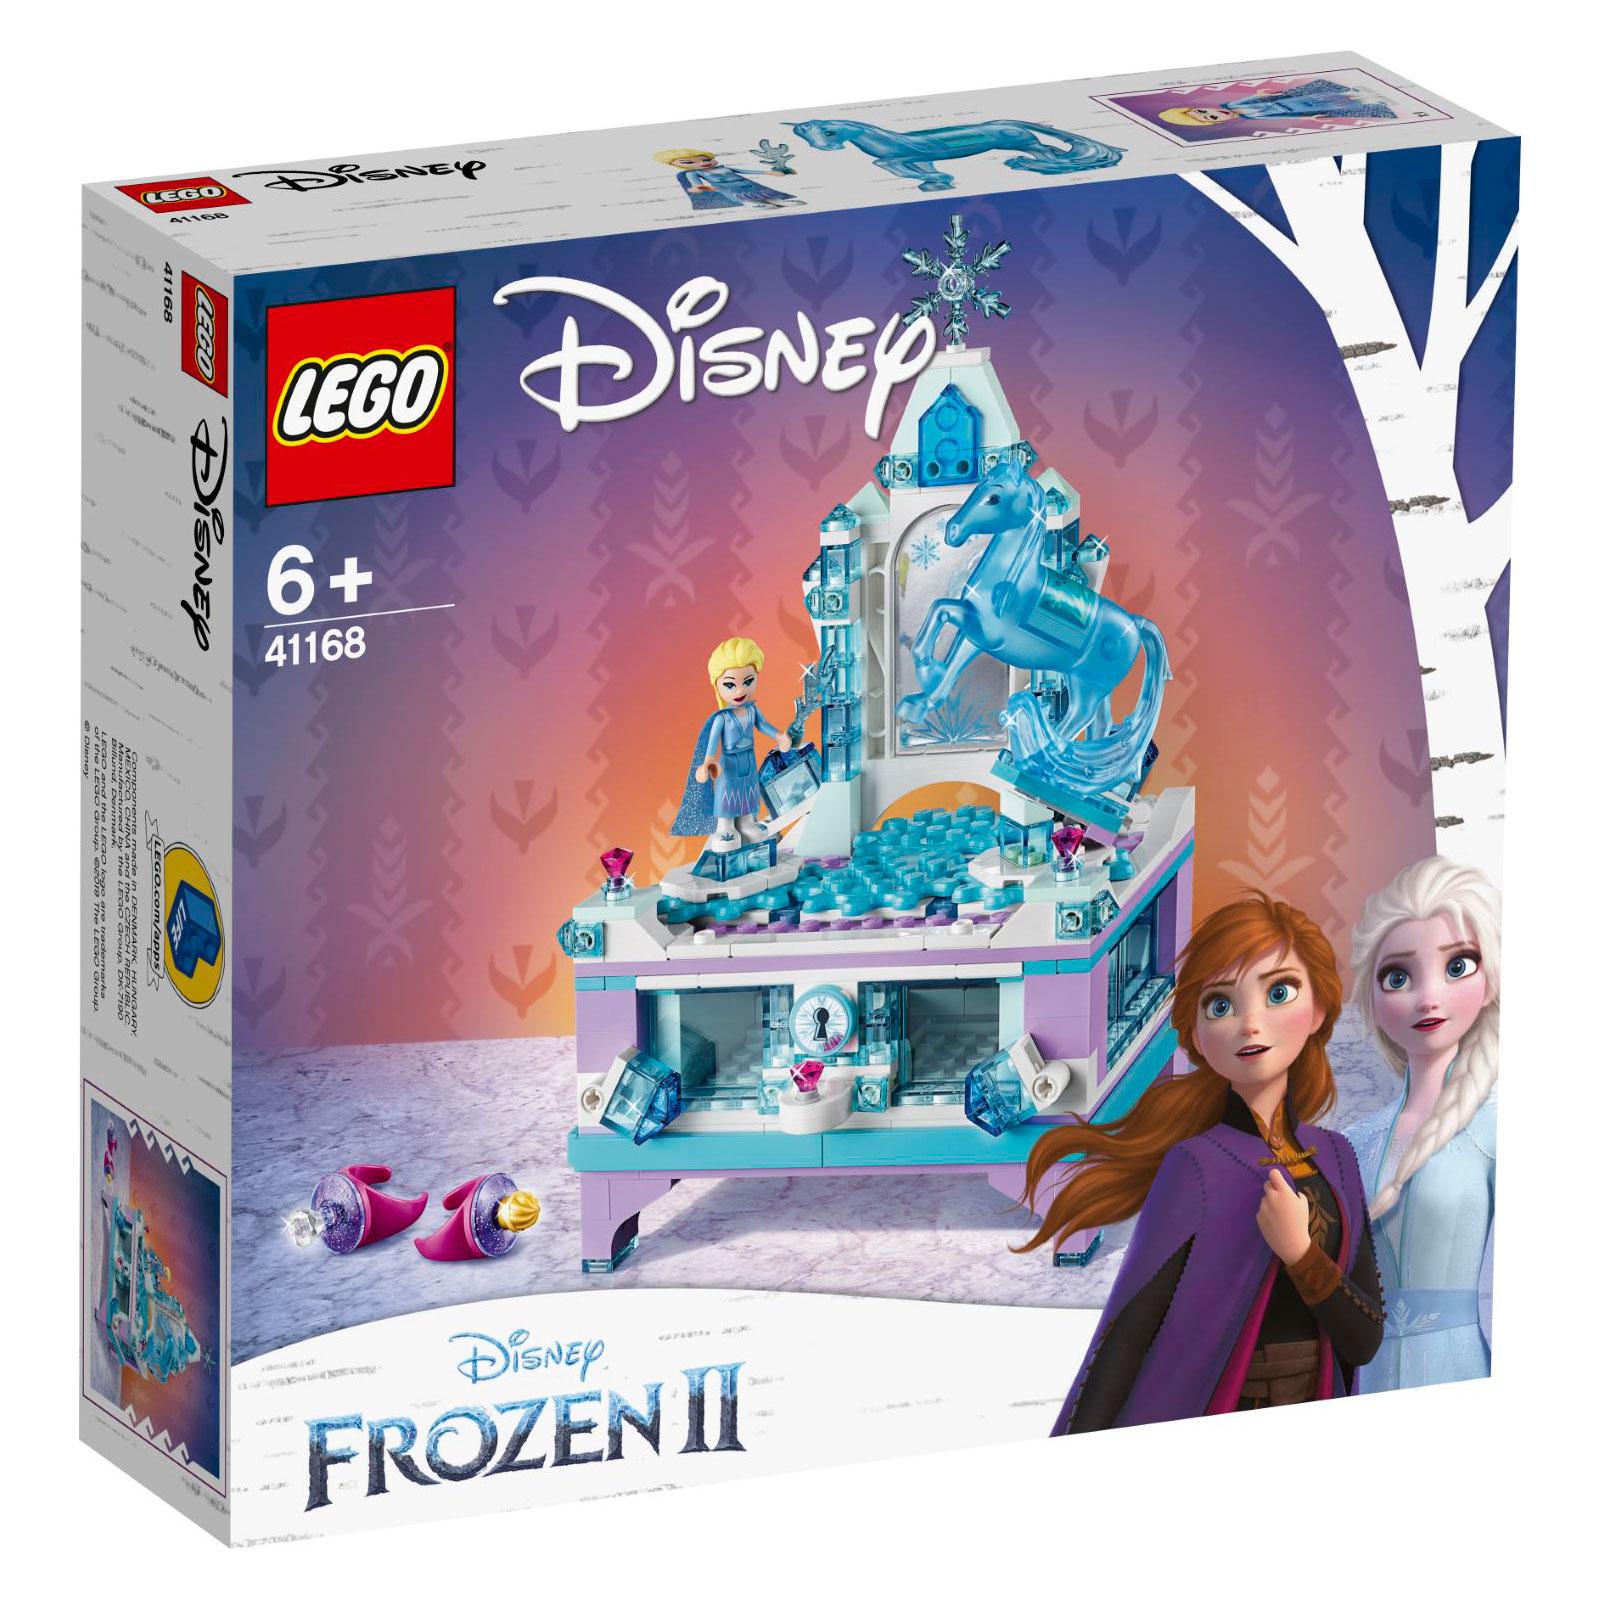 LEGO Elsa